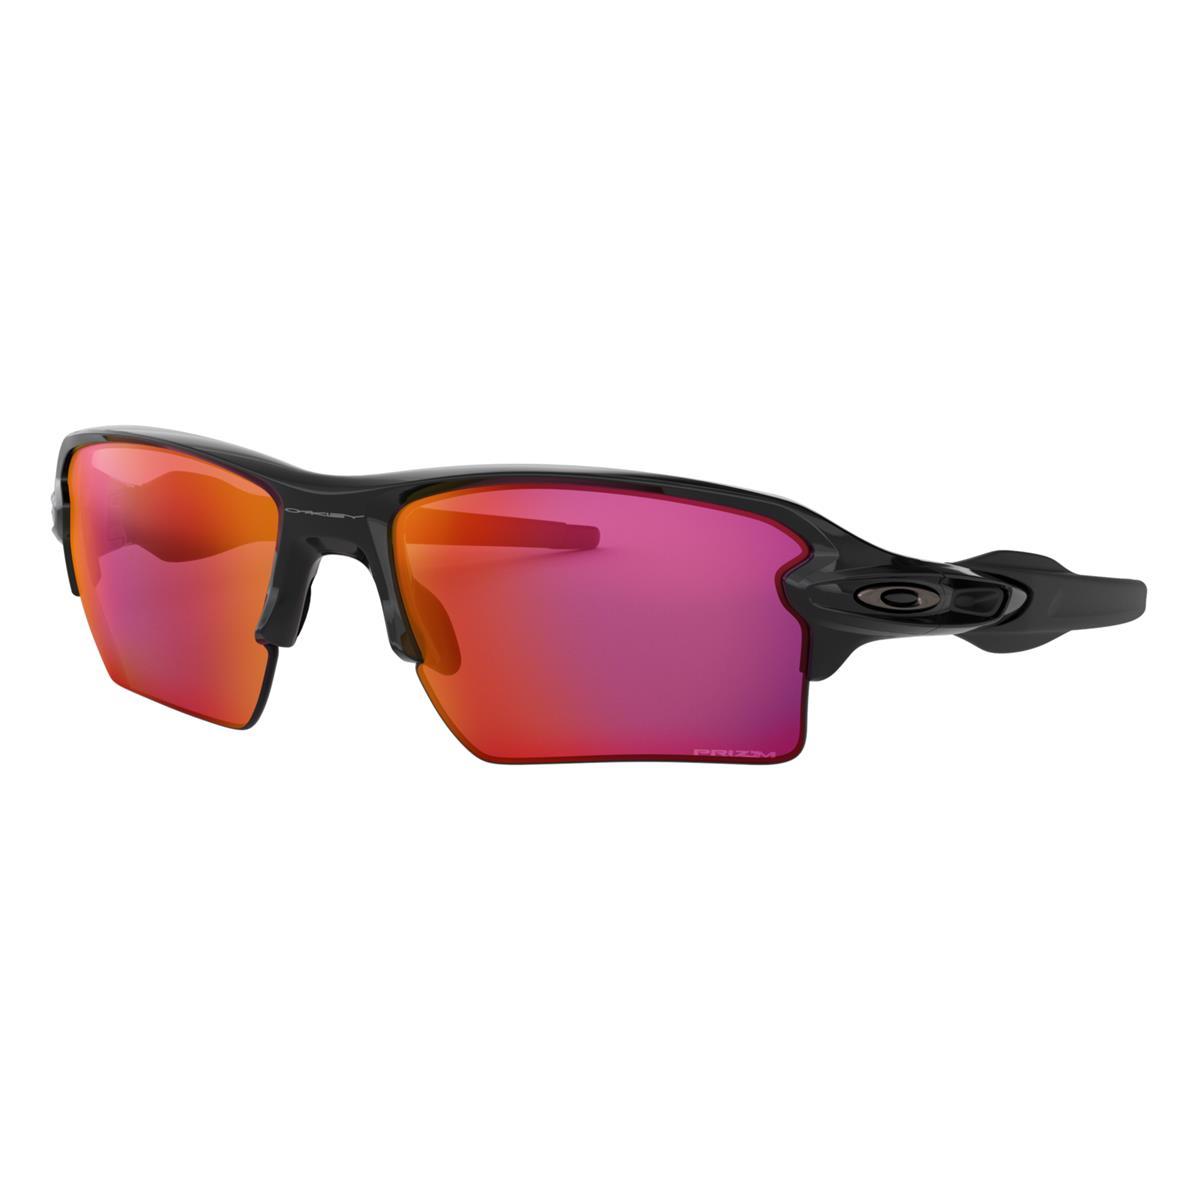 Oakley Sportbrille Flak 2.0 XL Polished Schwarz - Prizm Field